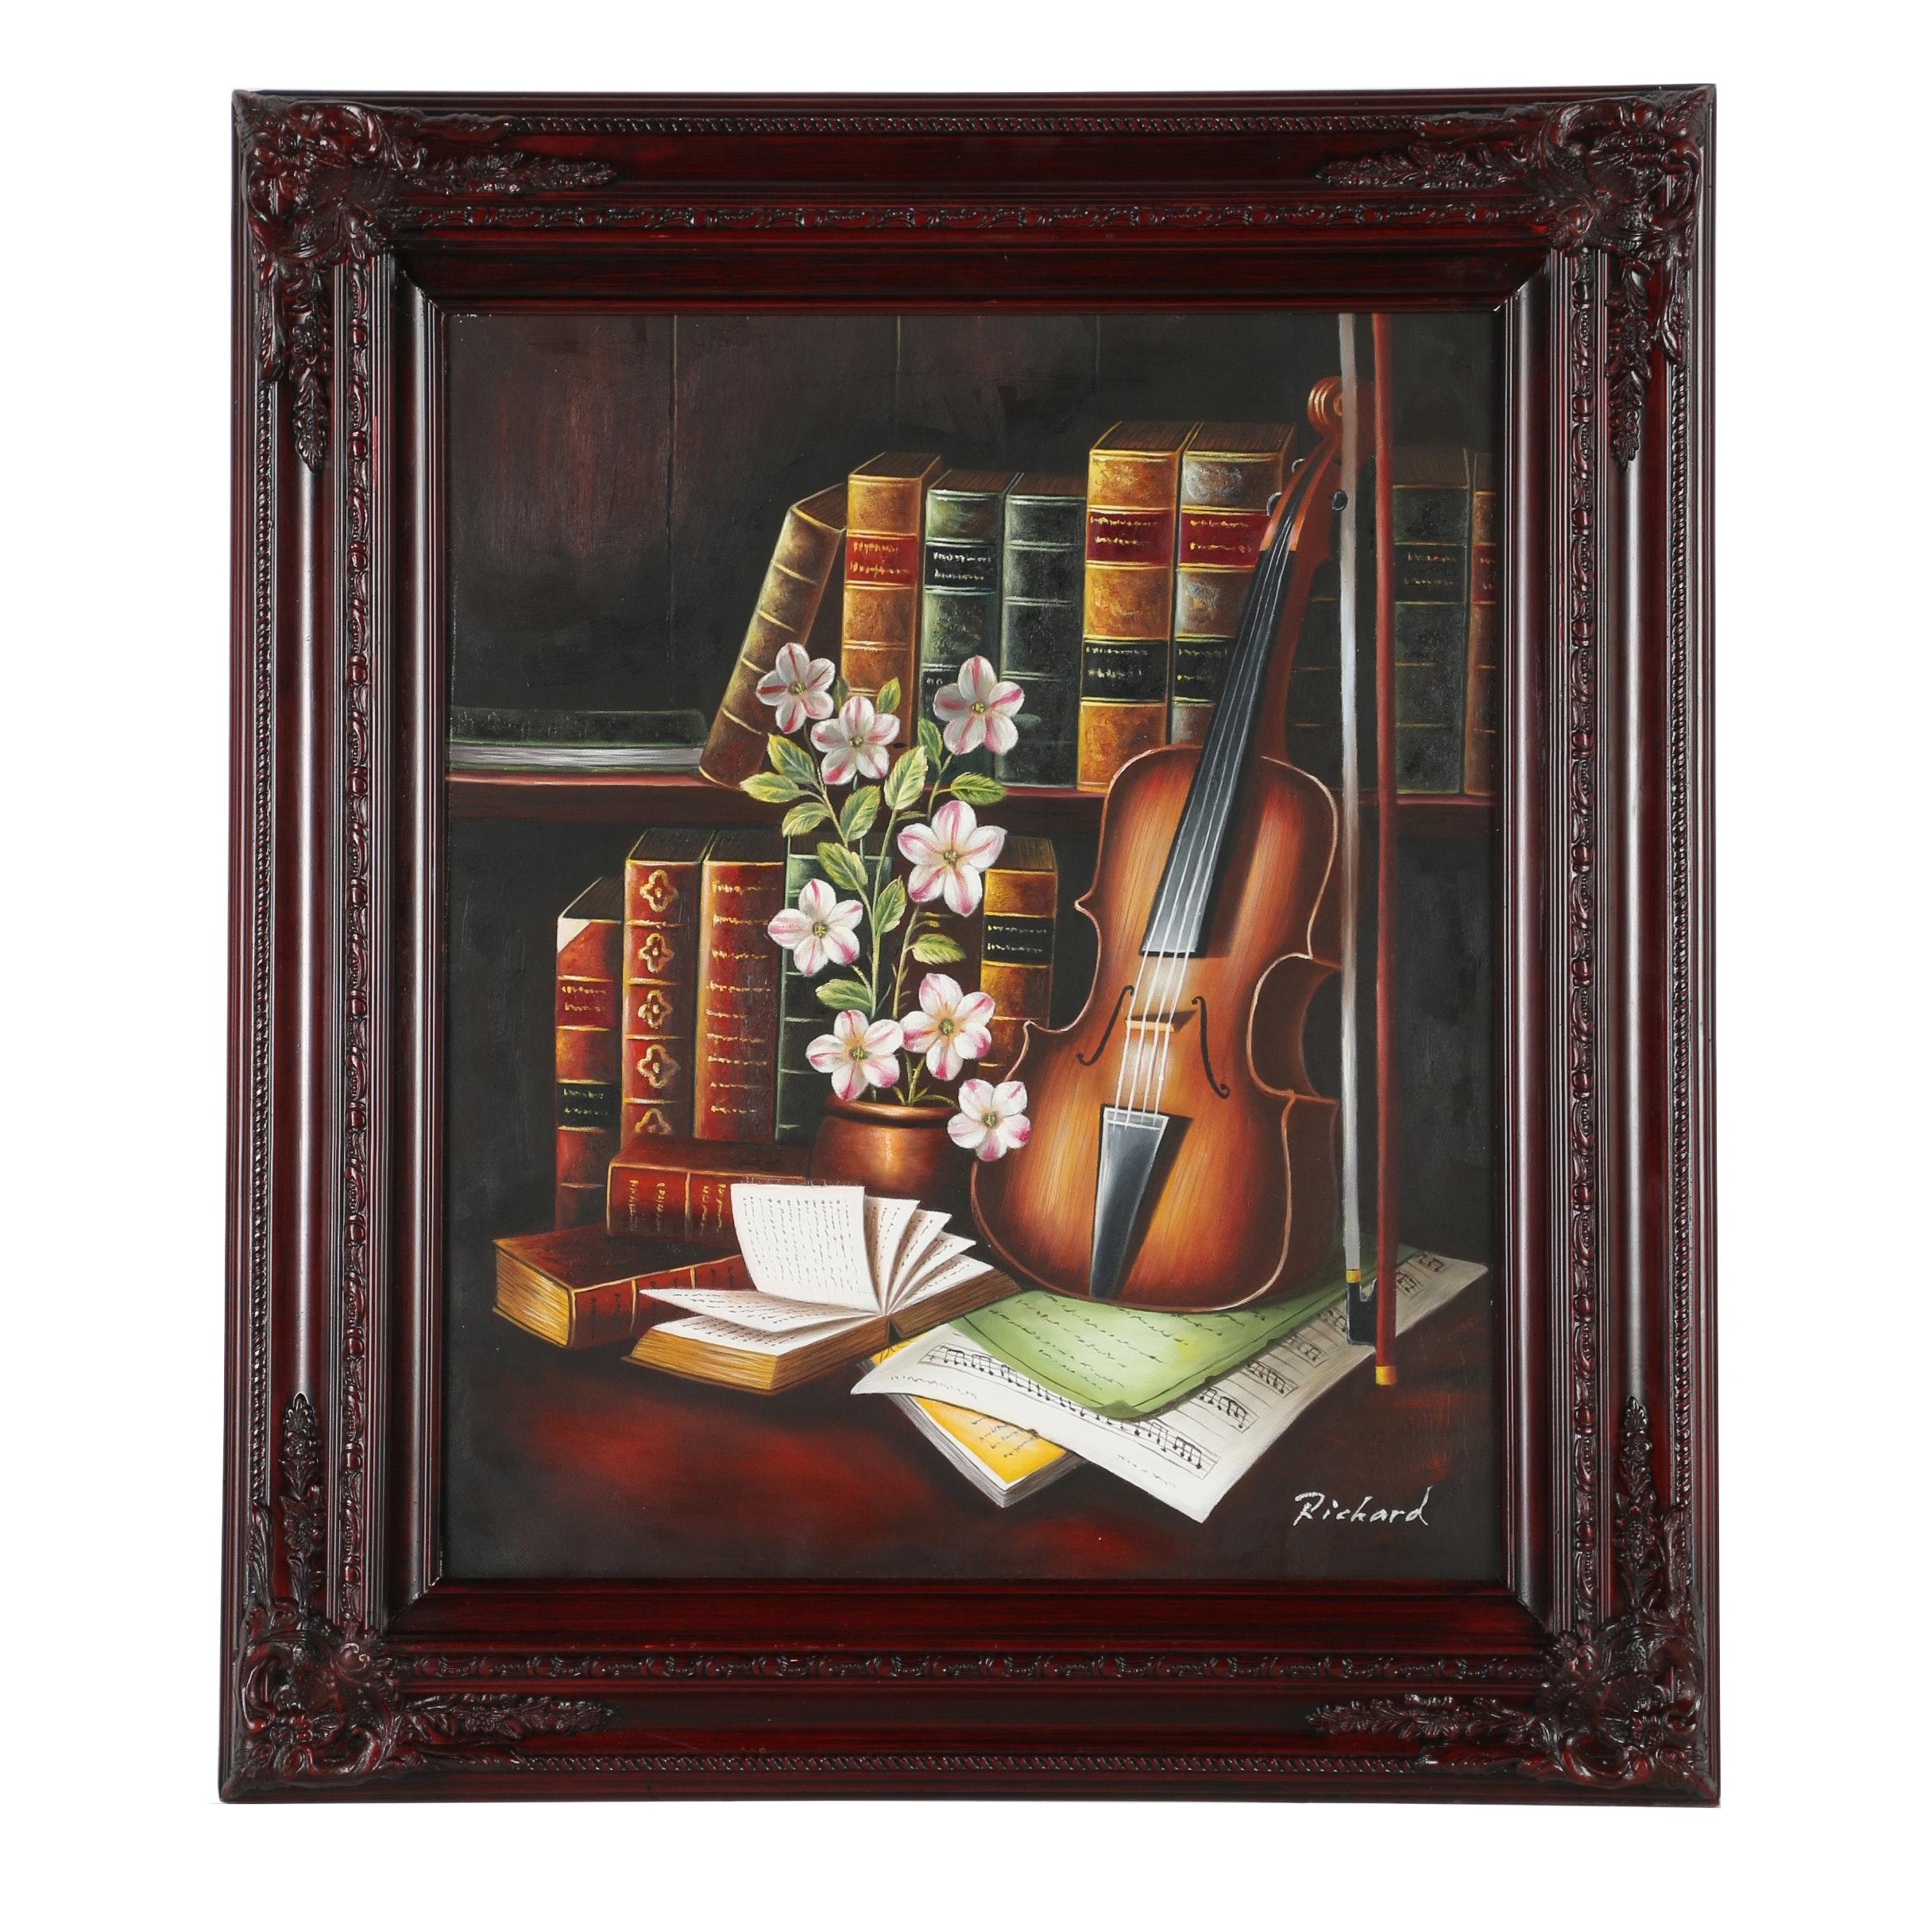 Richard Oil Still Life Painting on Canvas